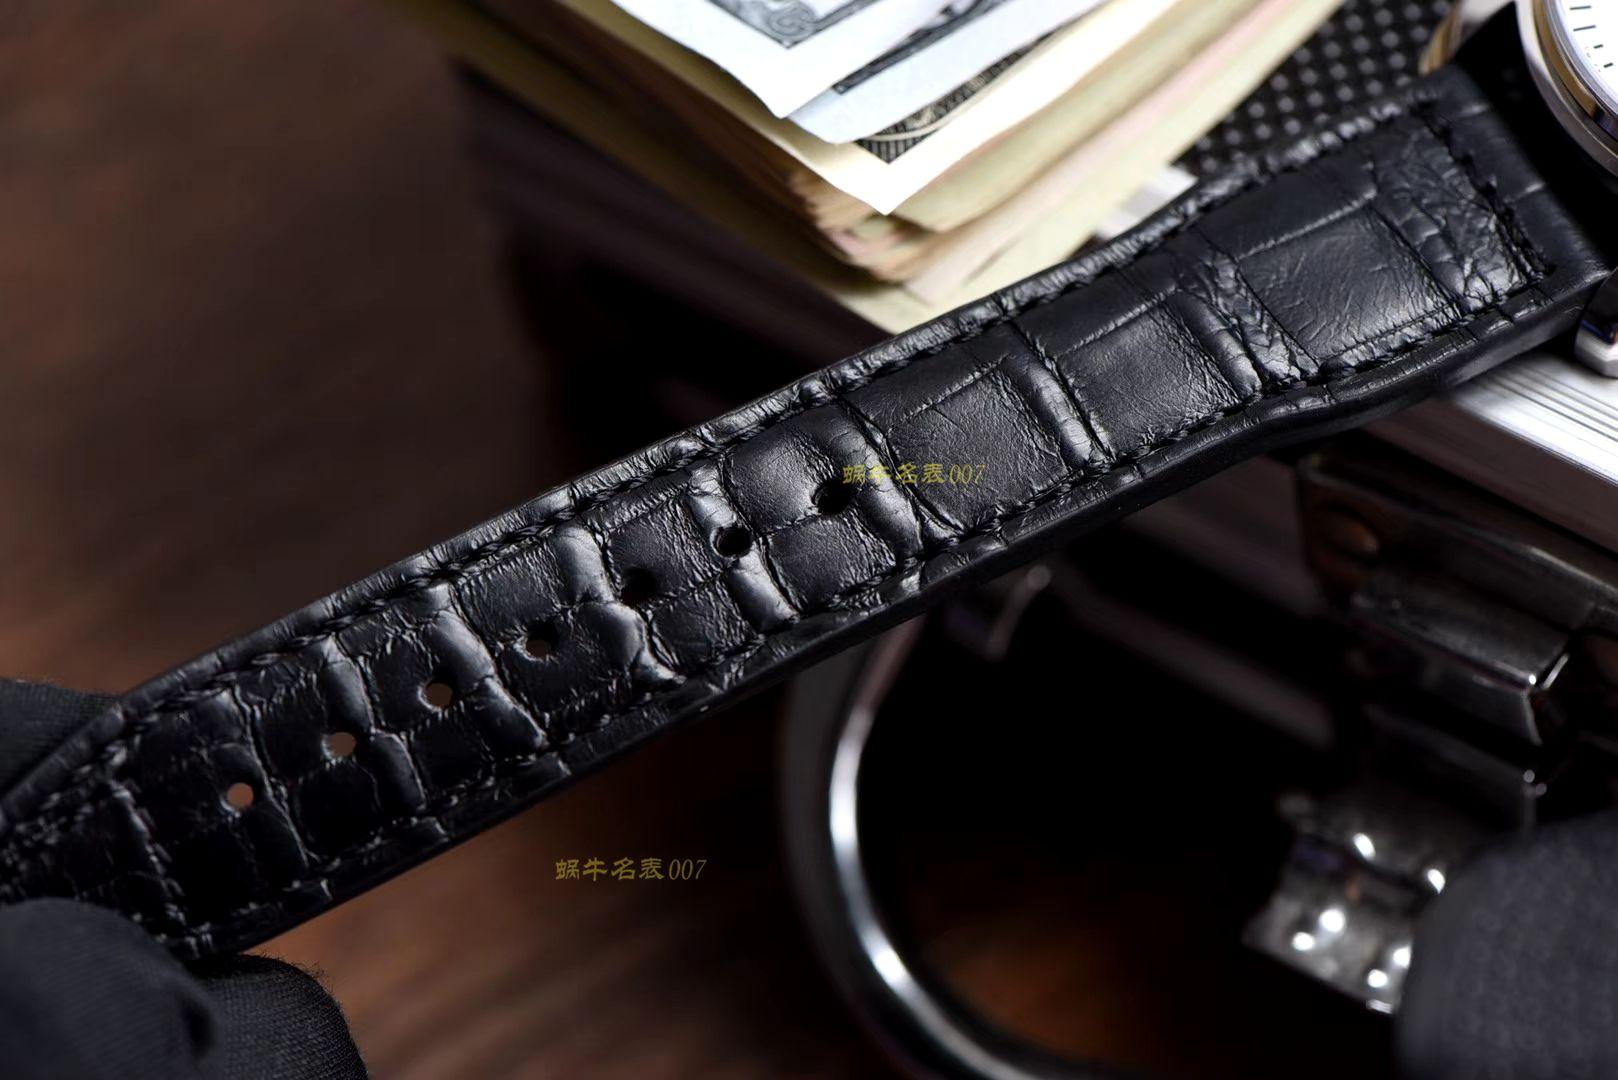 【视频评测,稀缺原单】IWC万国表周年纪念系列IW377725腕表(白面150周年纪念版)